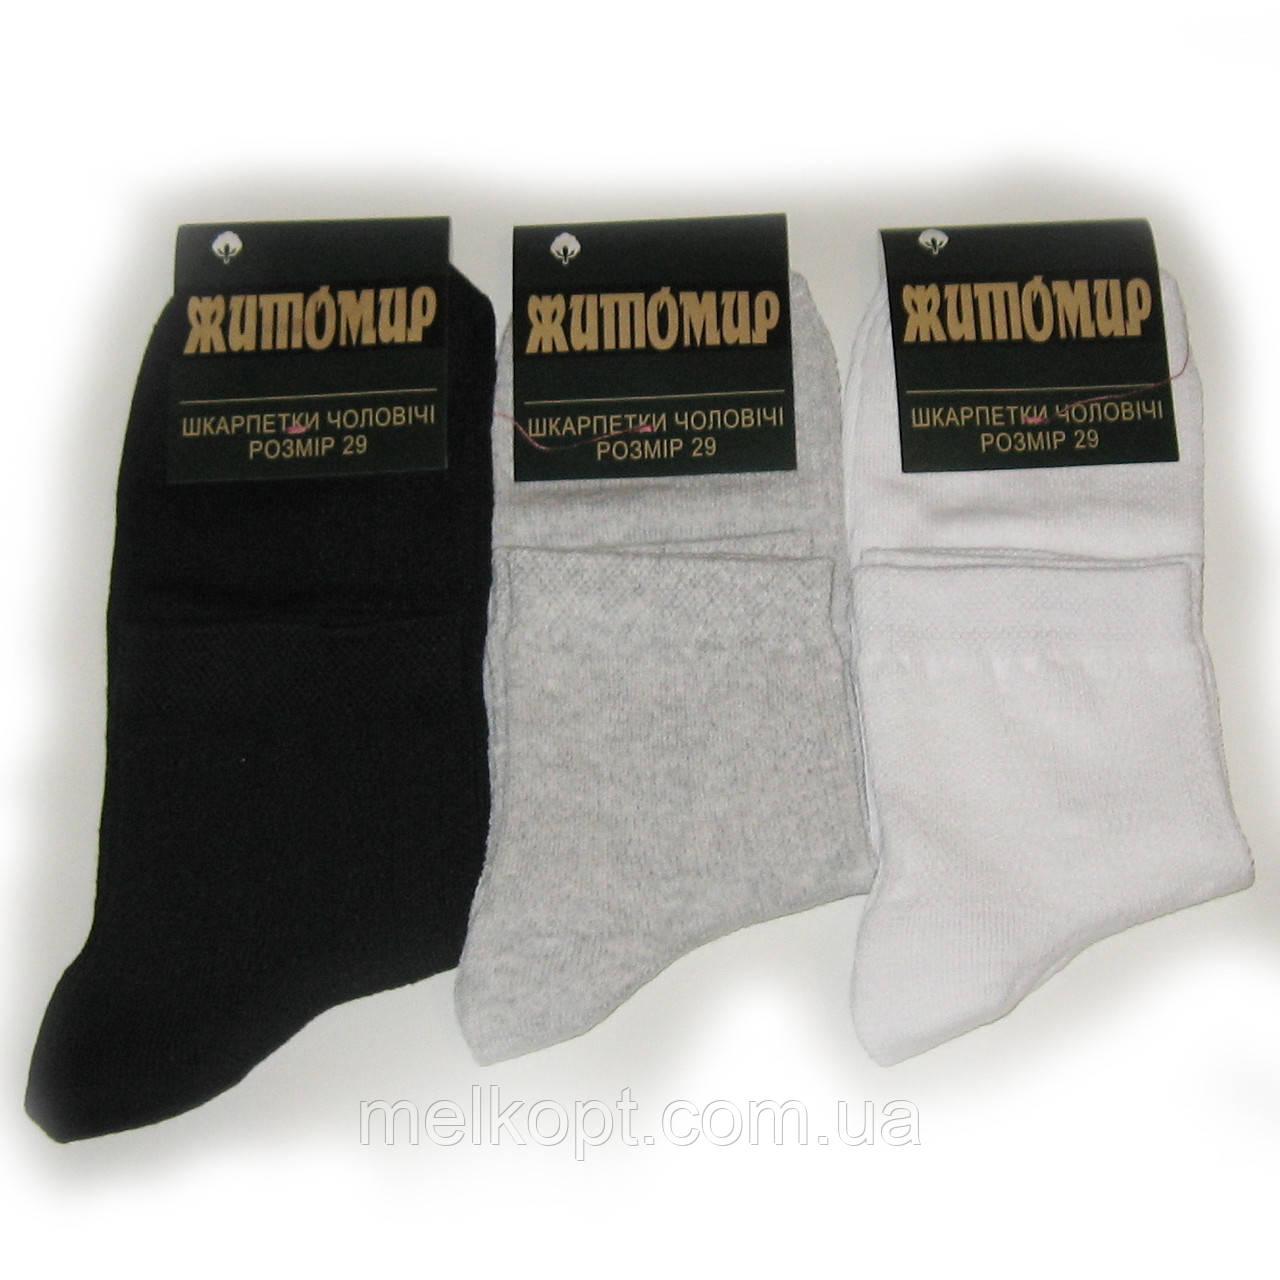 Мужские носки Житомир - 7,50 грн./пара (сетка, ассорти)